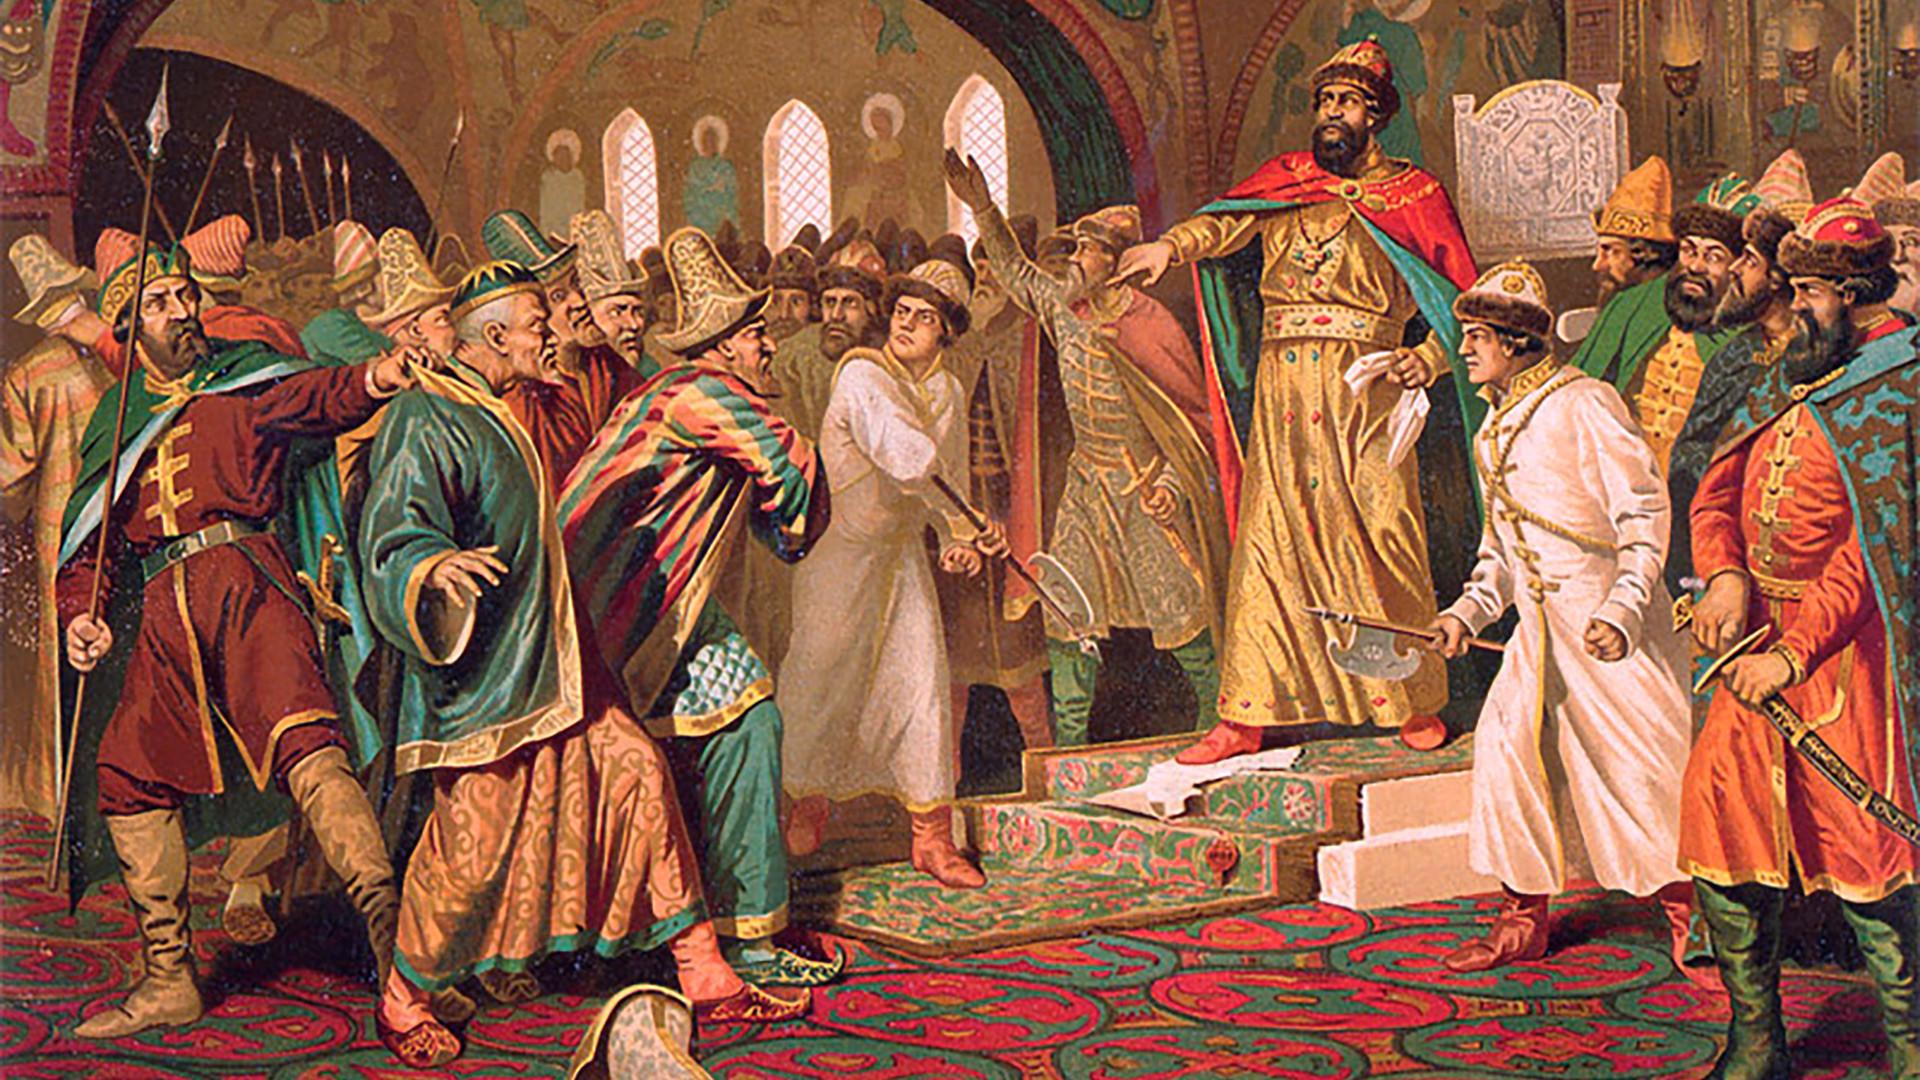 Ivan III. razseče kanovo pismo, Aleksej Kivšenko. Po legendi je Ivan III. razsekal Ahmatovo pismo, v kateri je kan zahteval plačilo dajatve.